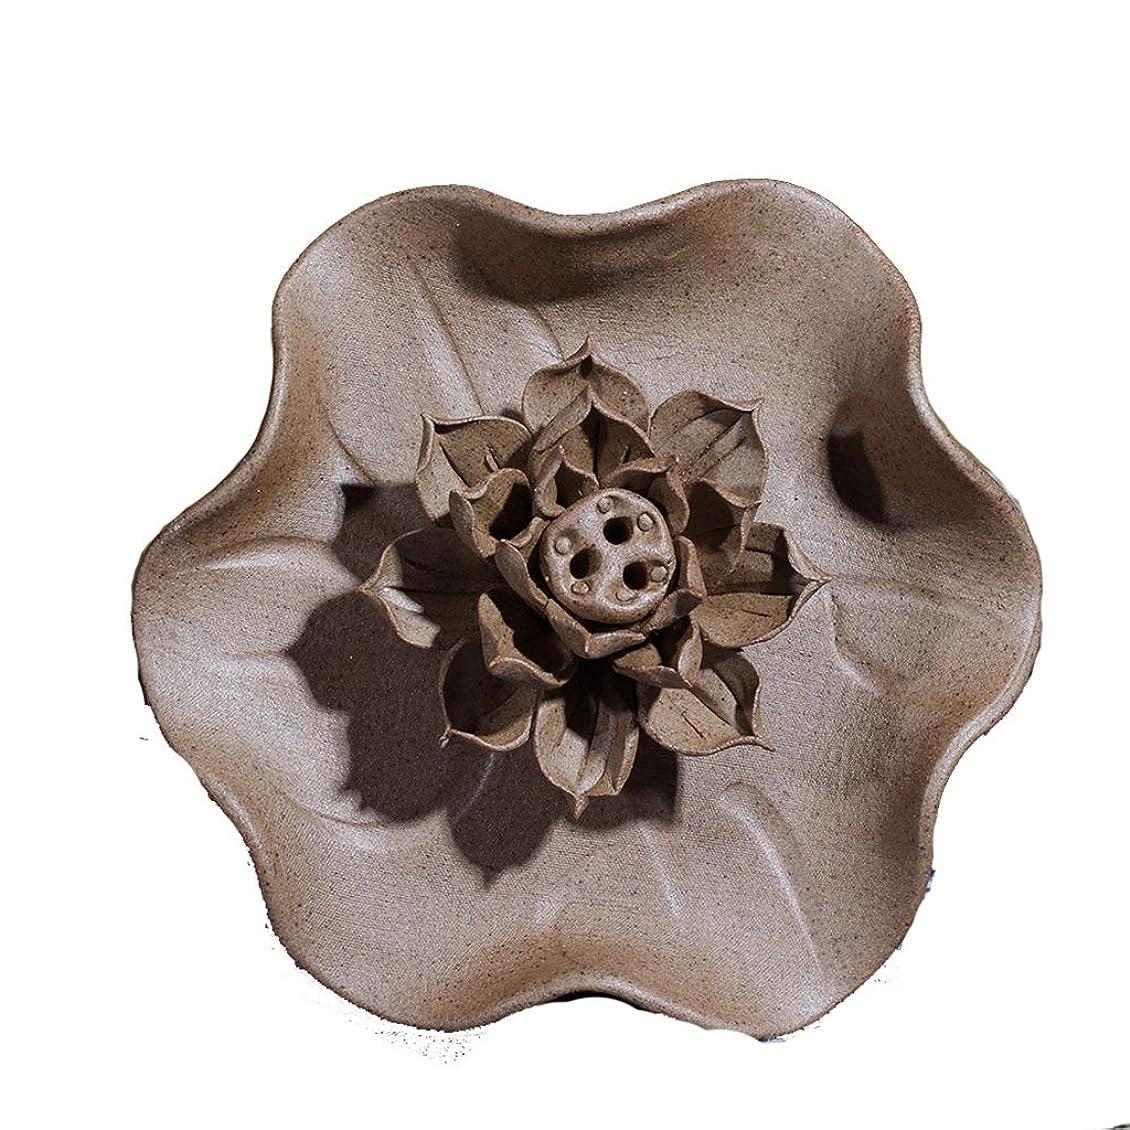 太い粘性の不足(ラシューバー) Lasuiveur 香炉 線香立て 香立て 職人さんの手作り 茶道用品 おしゃれ  木製 透かし彫り